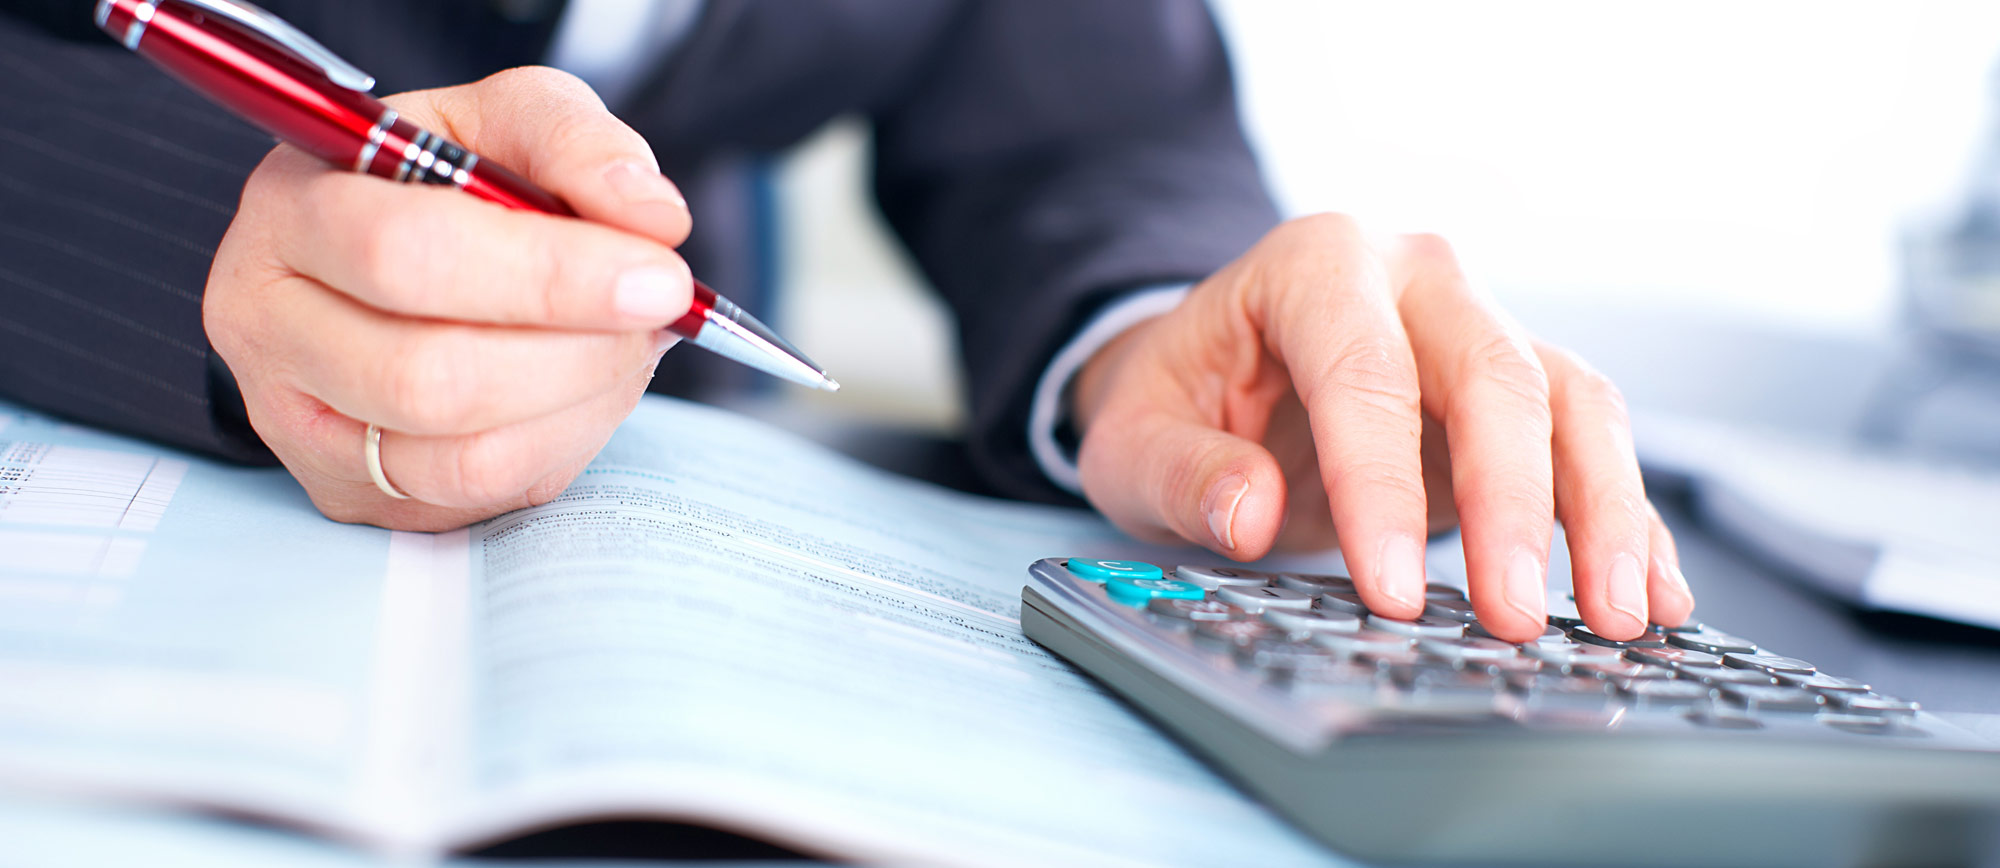 Comptabilité : les solutions pour s'en occuper quand on ne maîtrise pas bien la comptabilité.